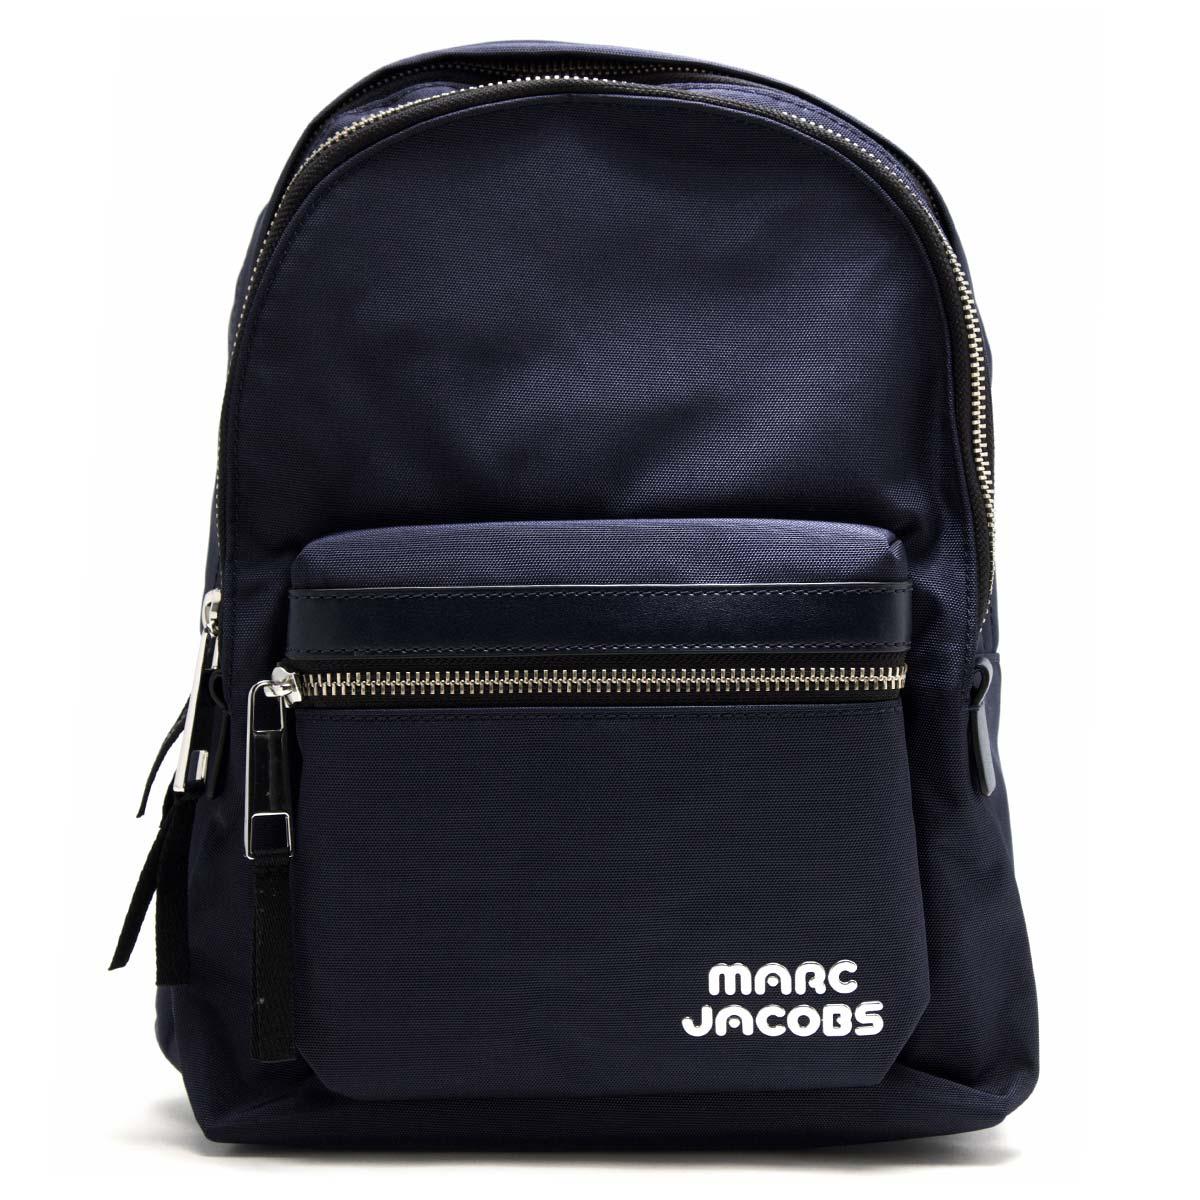 マークジェイコブス リュックサック/バックパック バッグ レディース トレック パック ミディアム ミッドナイトブルー M0014031 415 1SZ MARC JACOBS